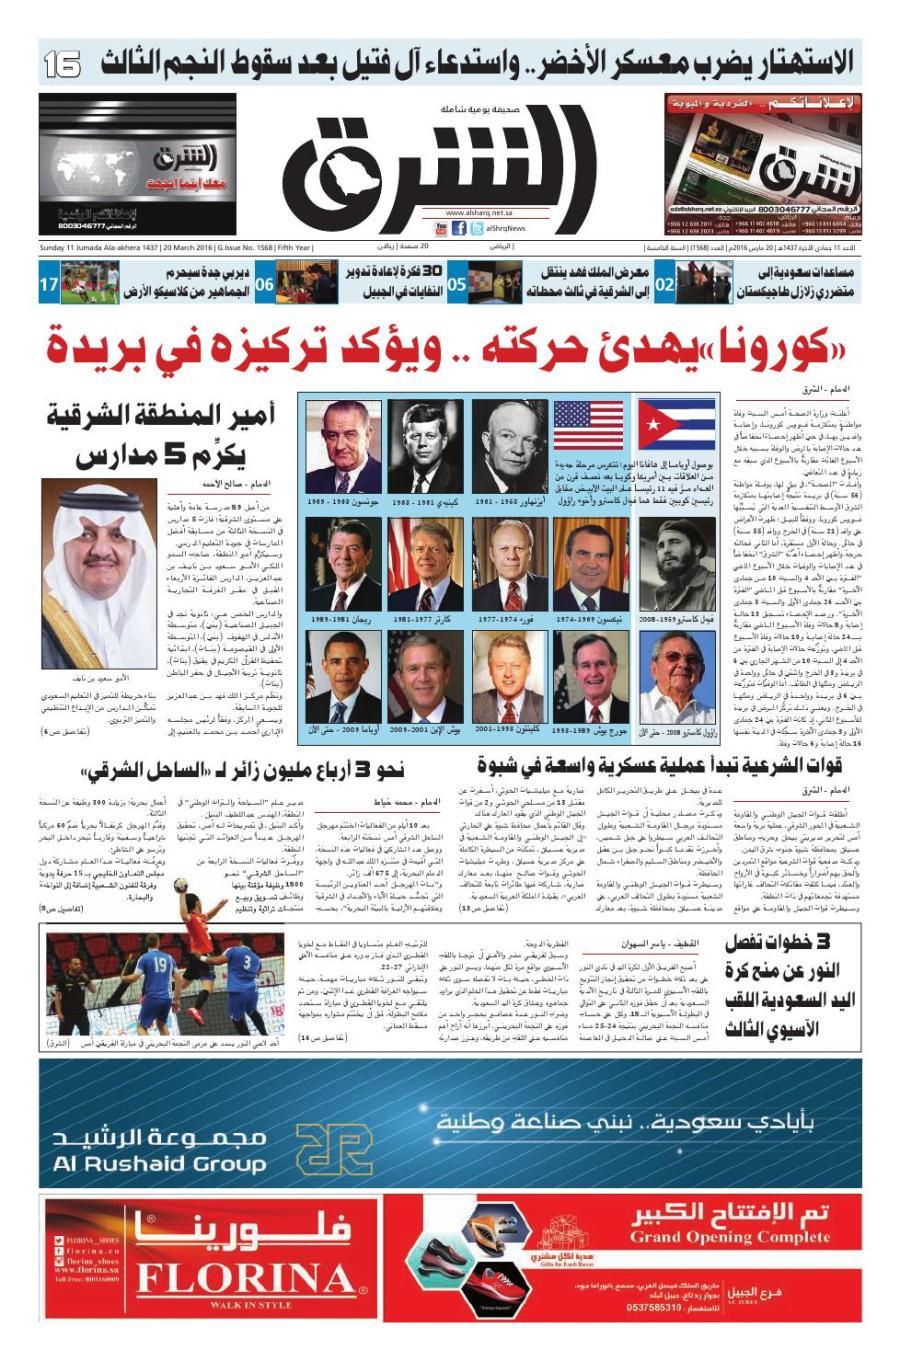 صحيفة الشرق العدد 1568 نسخة الرياض By صحيفة الشرق